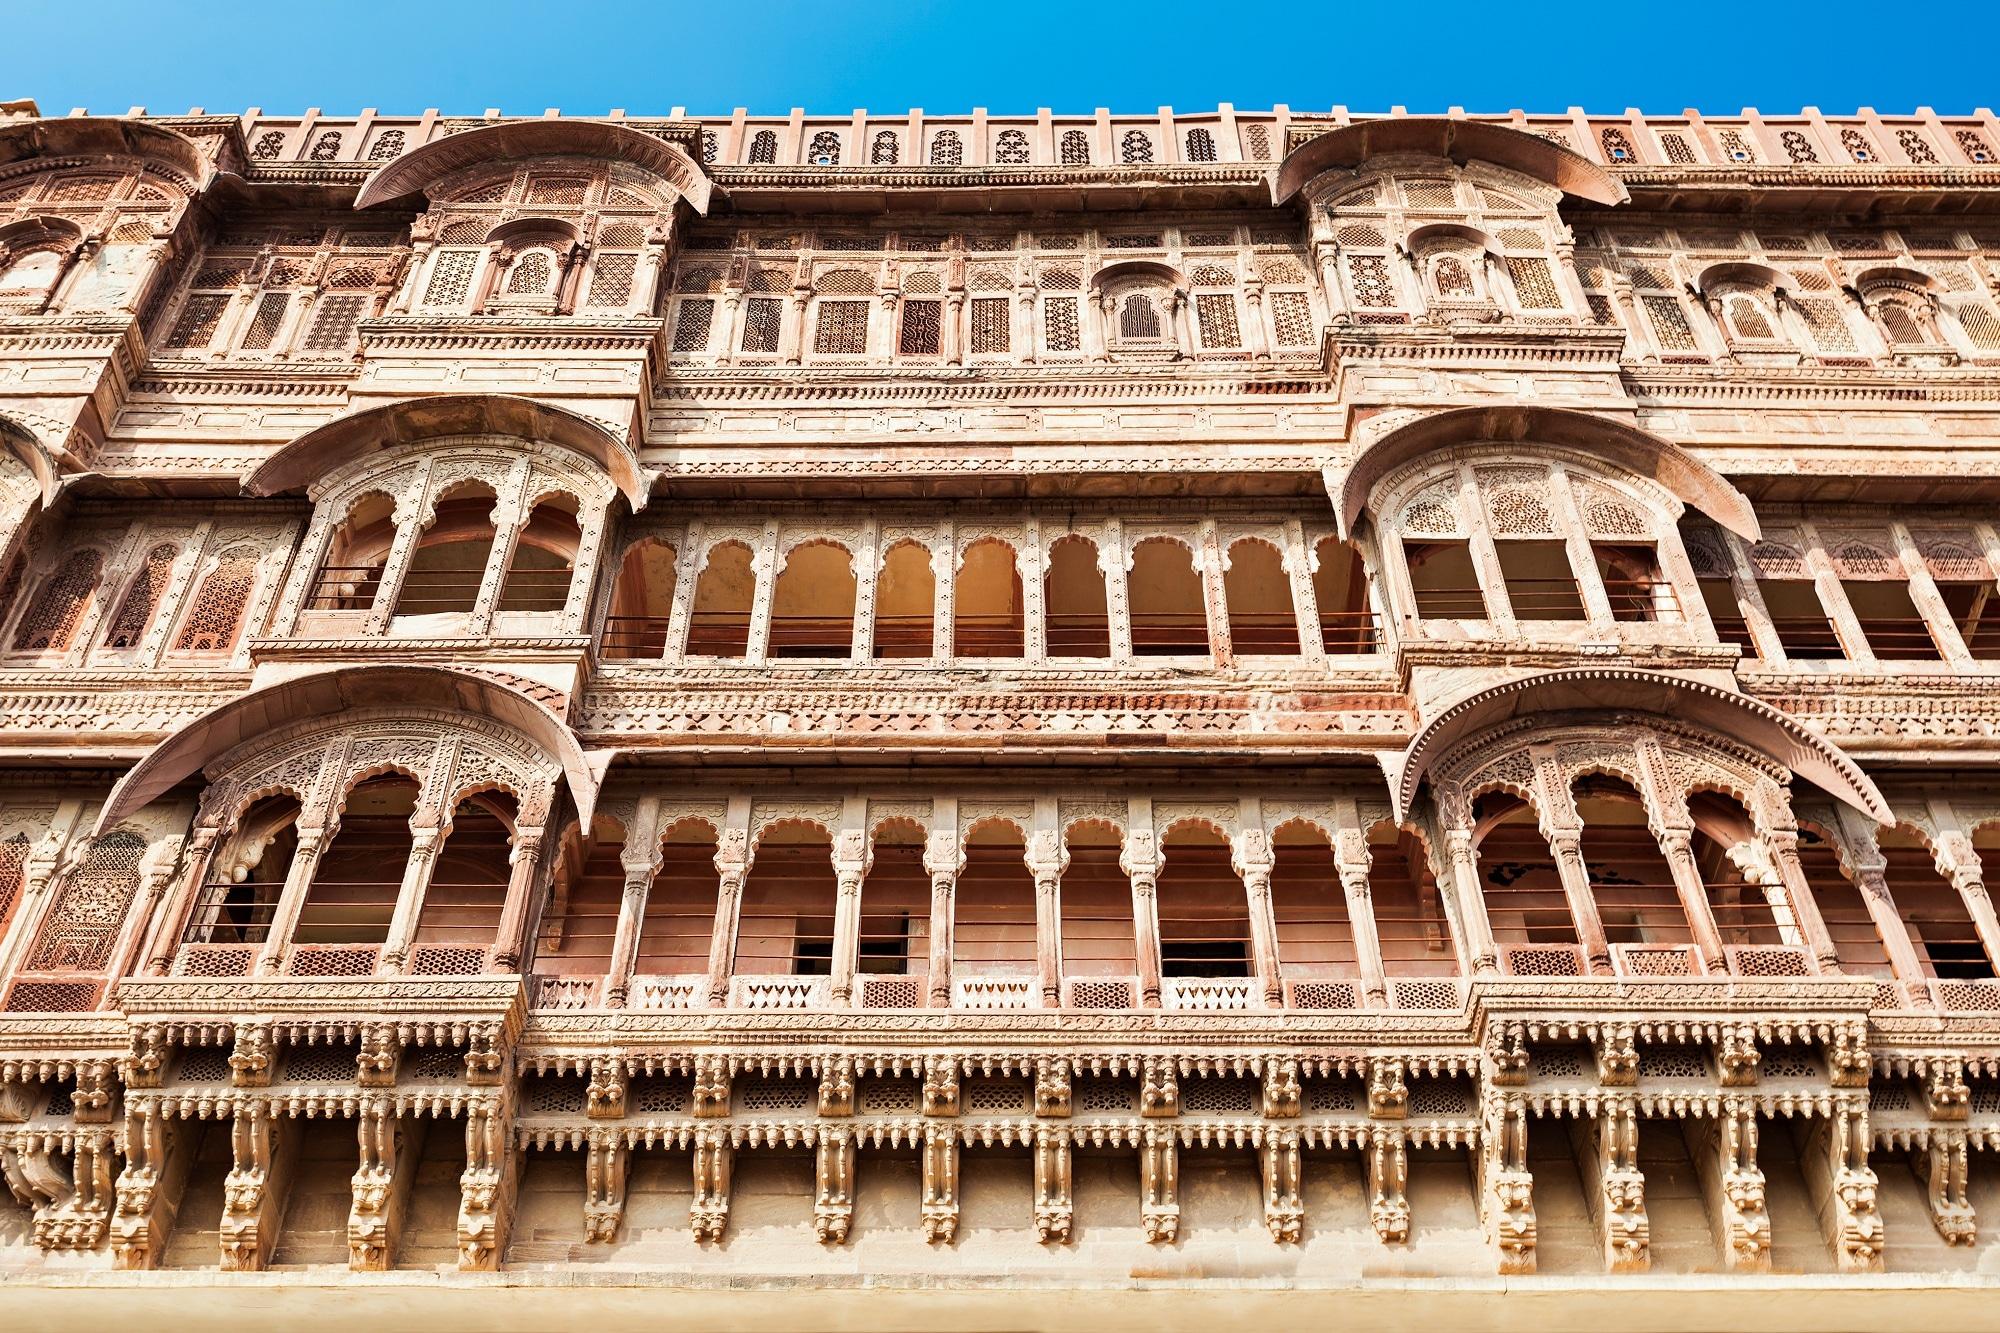 Inside Part of Jodhpur Fort